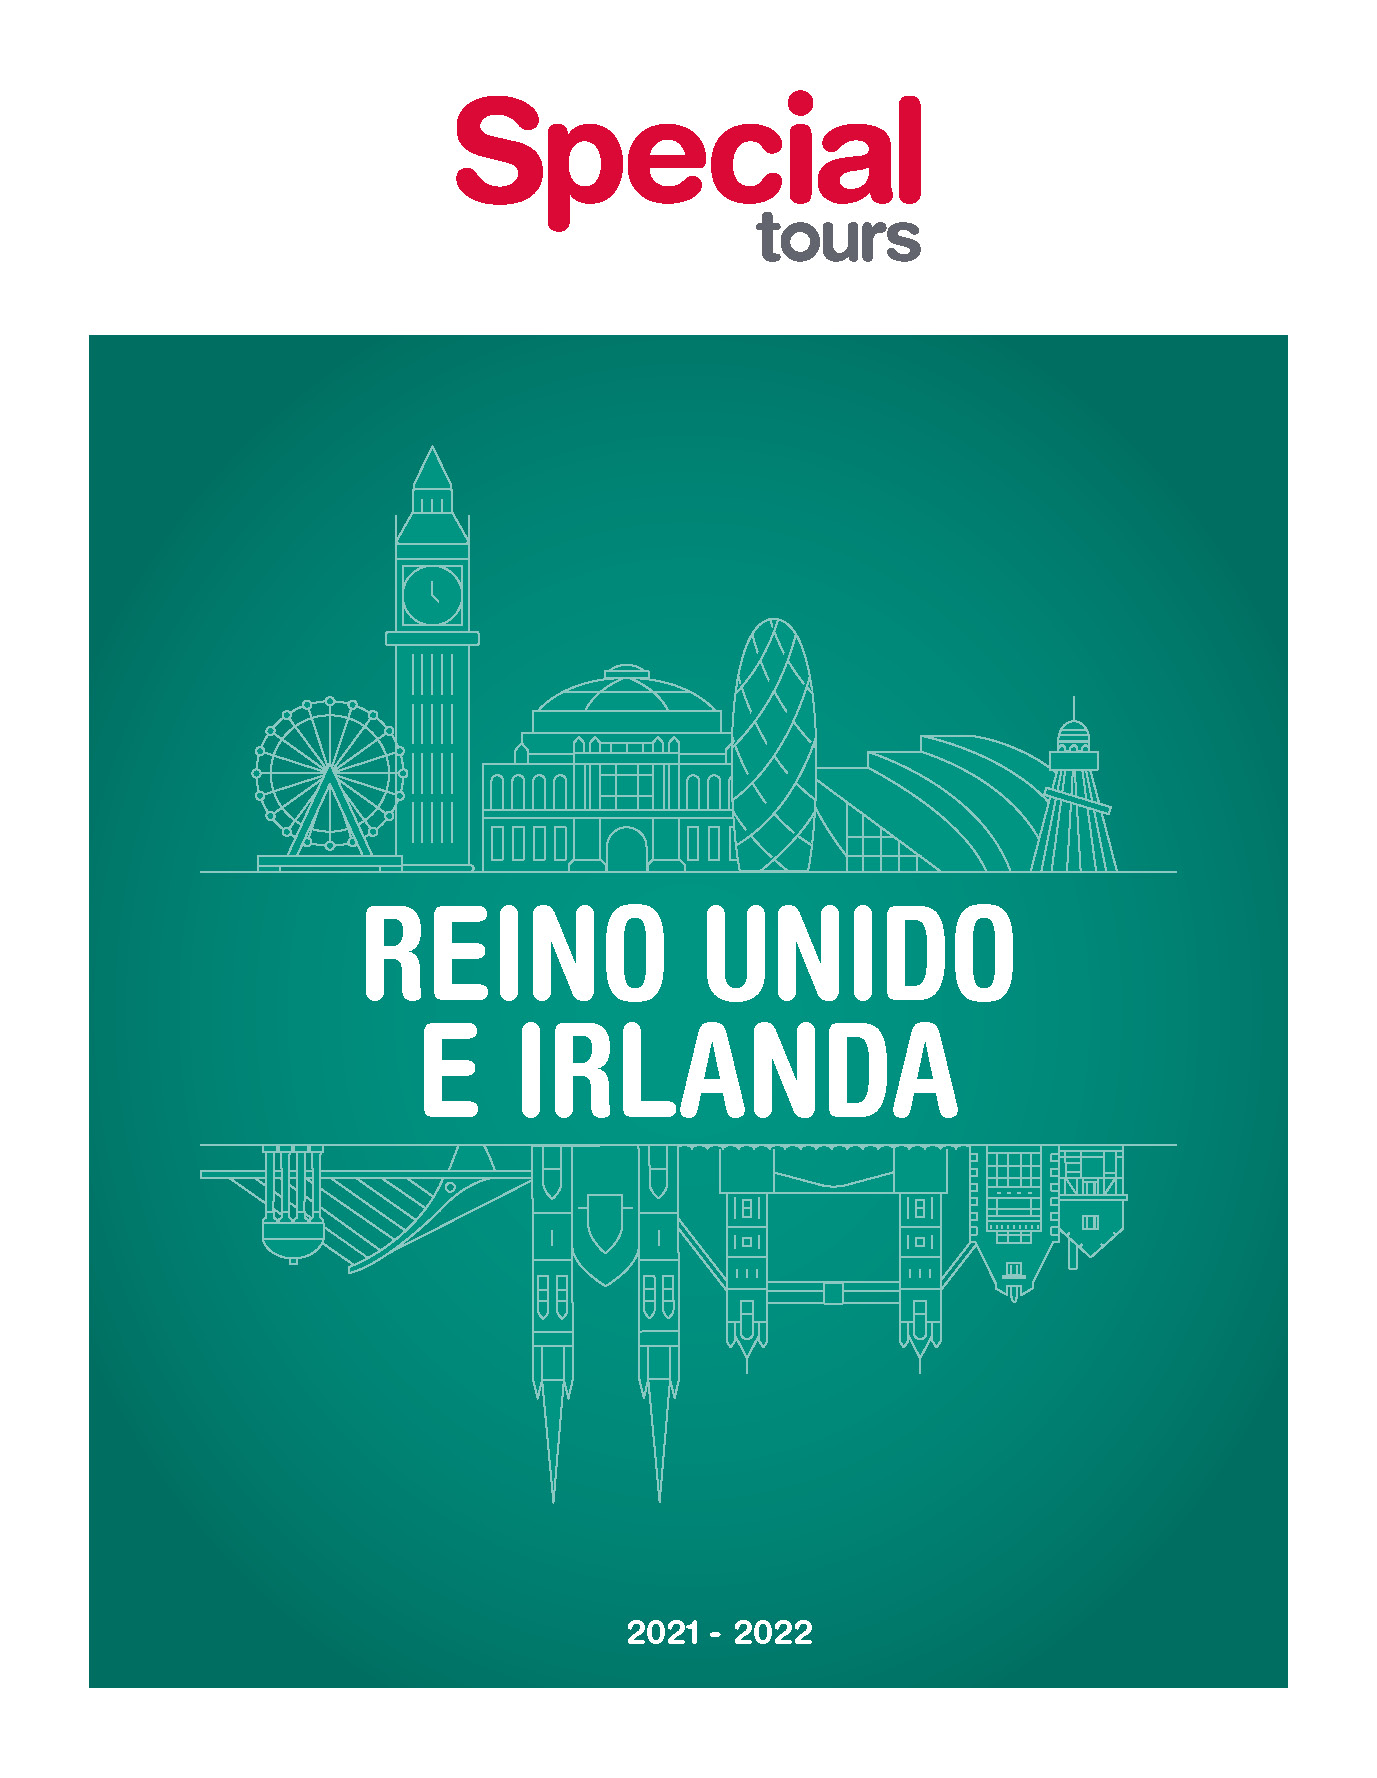 Catalogo Special Tours Reino Unido e Irlanda 2021-2022